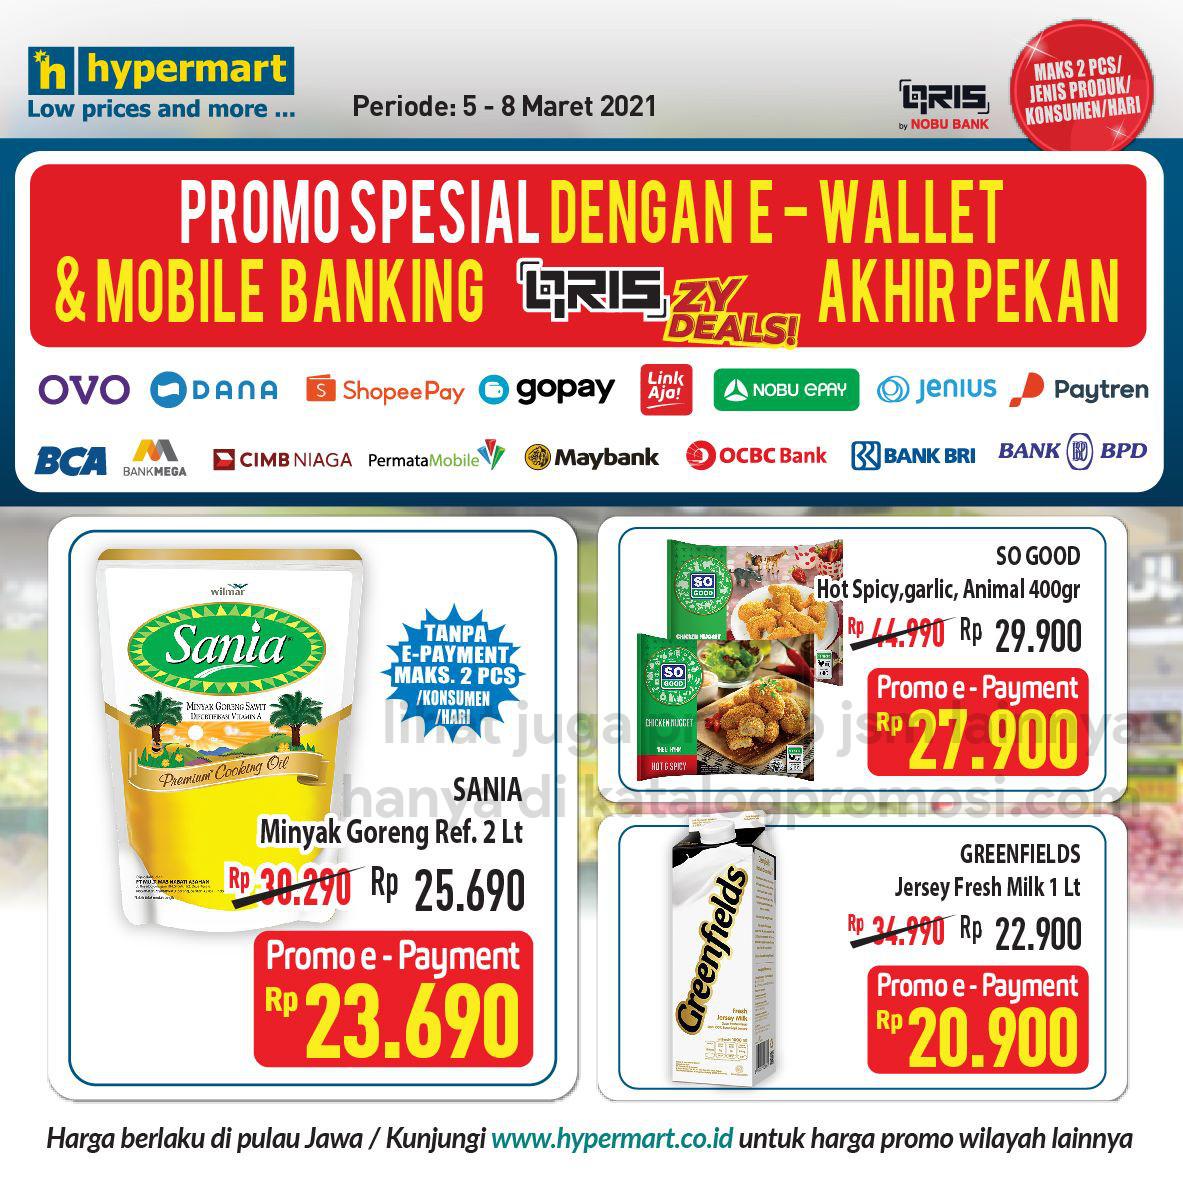 HYPERMART Promo HARGA SPESIAL bayar pakai E-Wallet dan Mobile Banking periode 05-08 Maret 2021